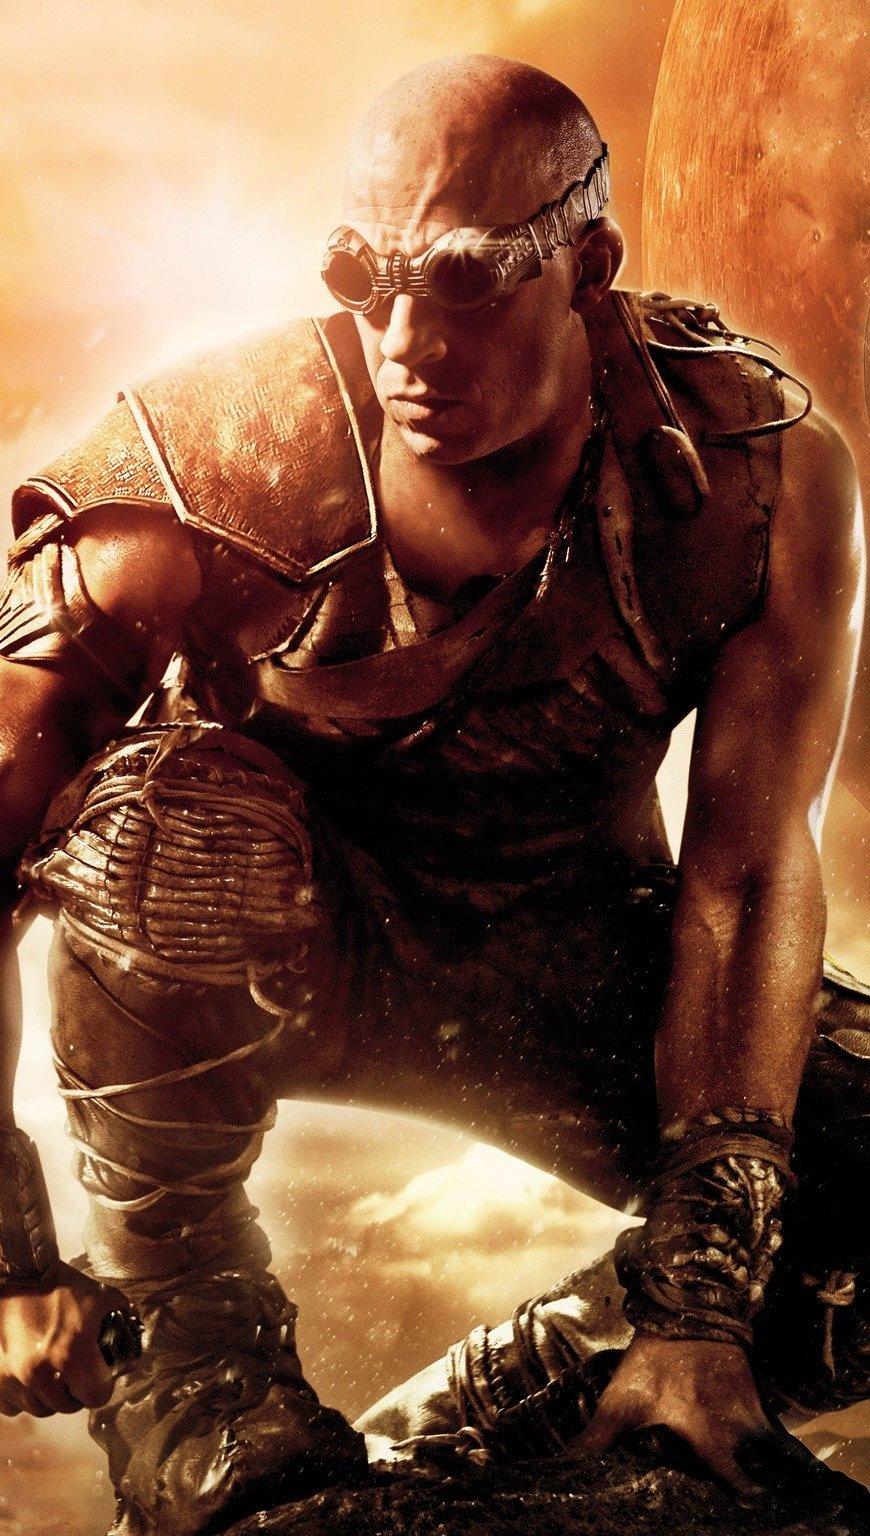 Wallpaper The Battle of Riddick Vertical